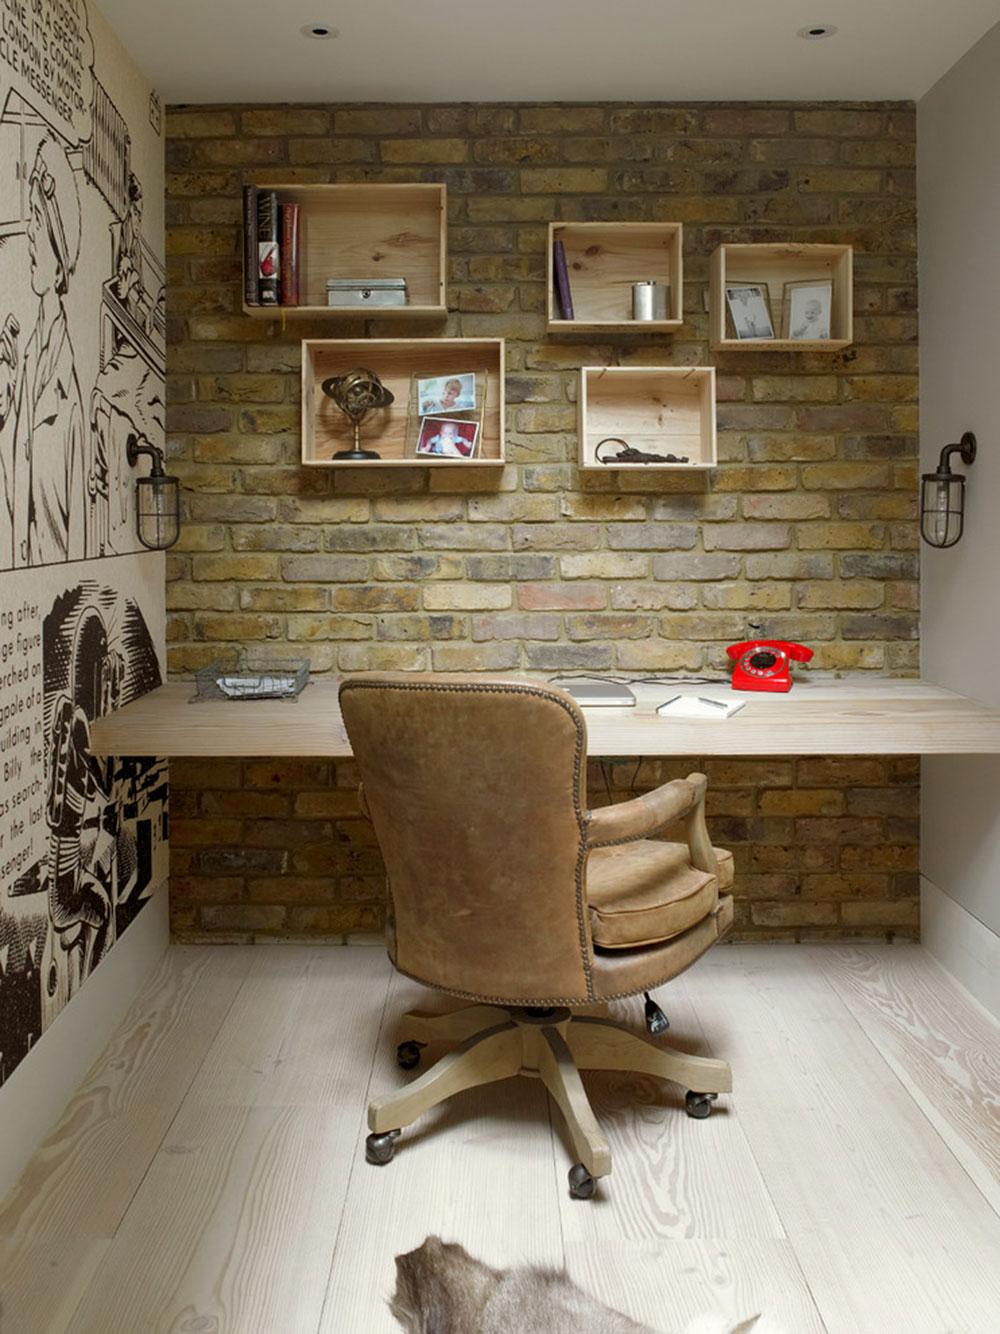 Diy-wall-desk-for-a-pleasant-job8 DIY wall-mounted desk design ideas